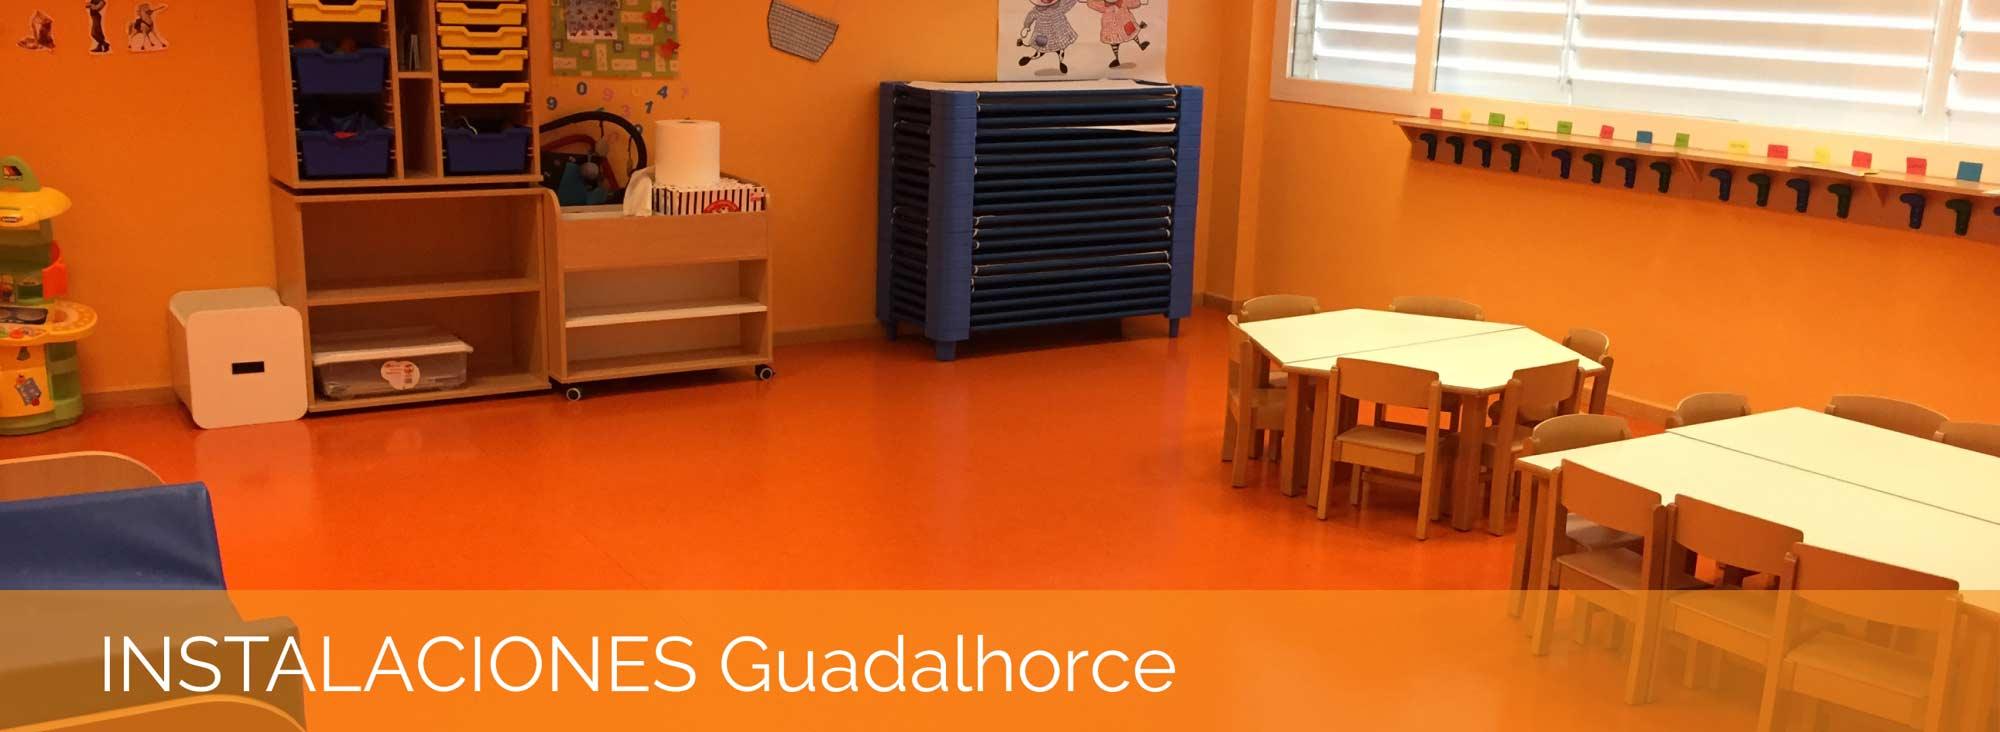 instalaciones-guadalhorce21